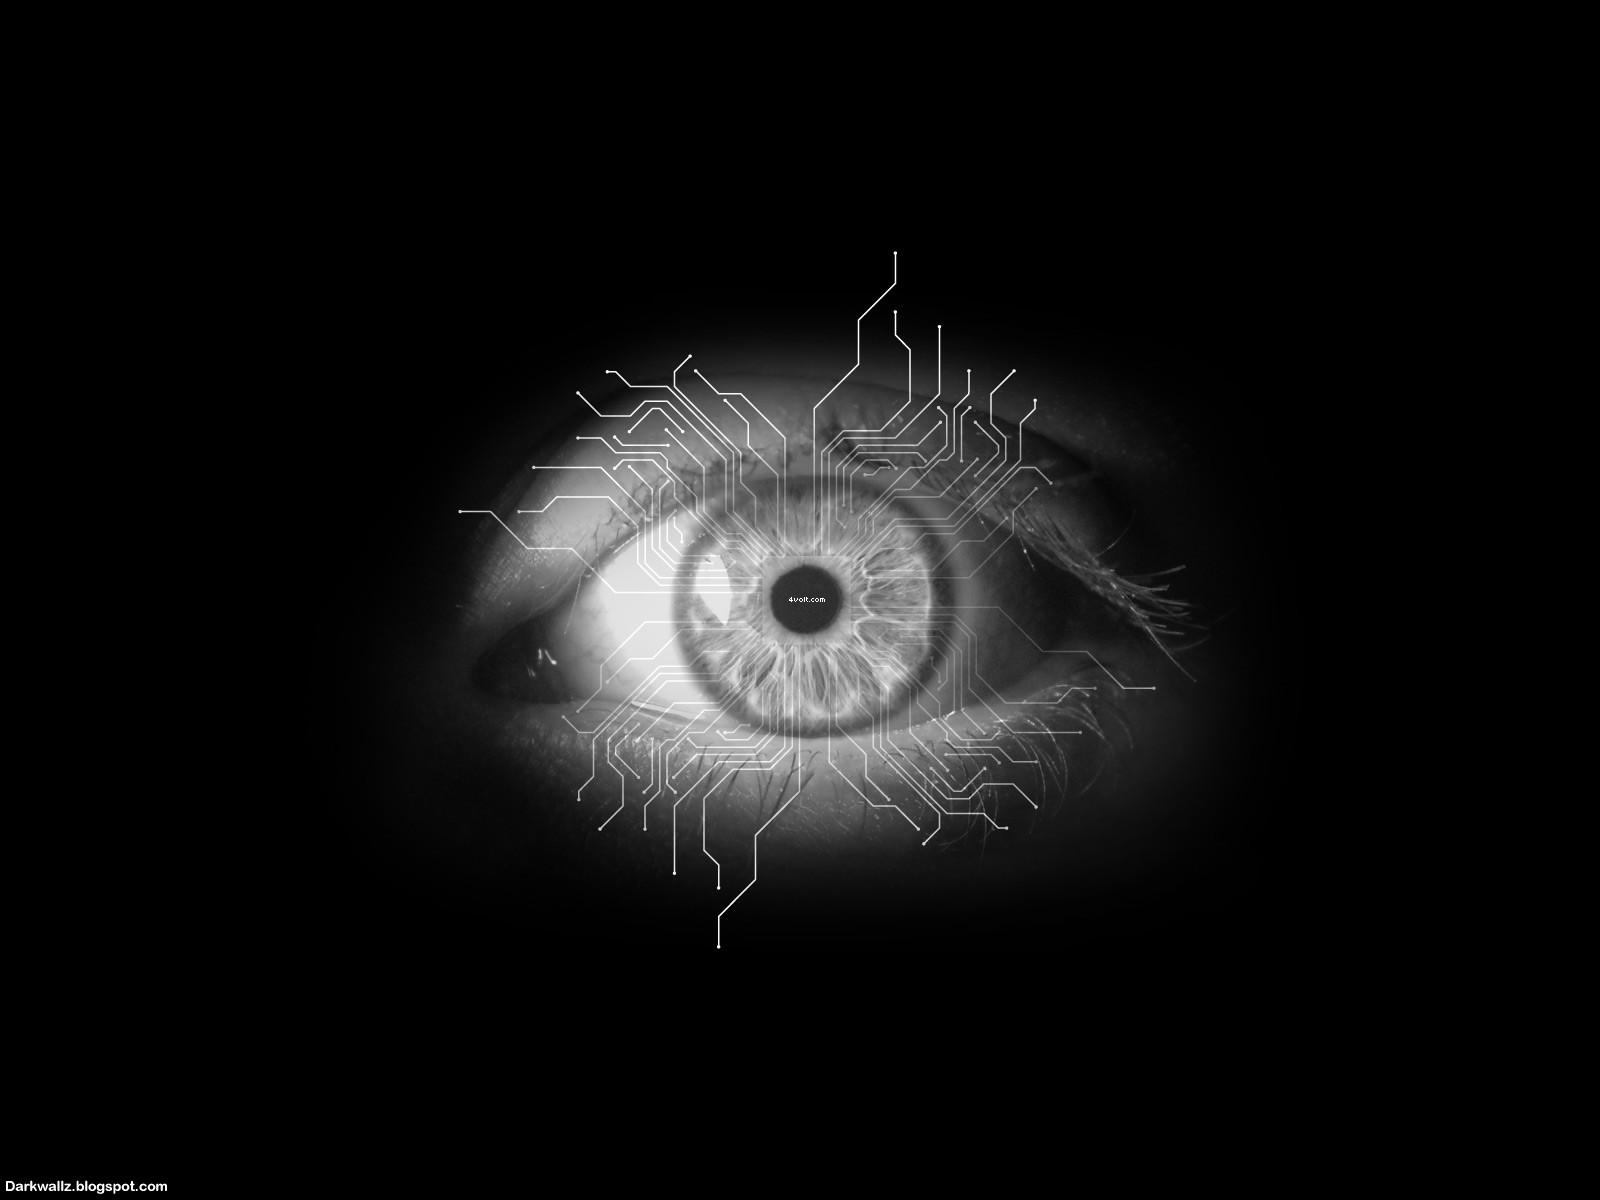 http://1.bp.blogspot.com/_-jo2ZCYhKaY/S2Meofqa0VI/AAAAAAAAFbY/vOpghjHfrS8/s1600/Scary_Eyes_Wallpapers_59%2B(wallpapersbay.blogspot.com)%2B(darkwallz.blogspot.com).jpg